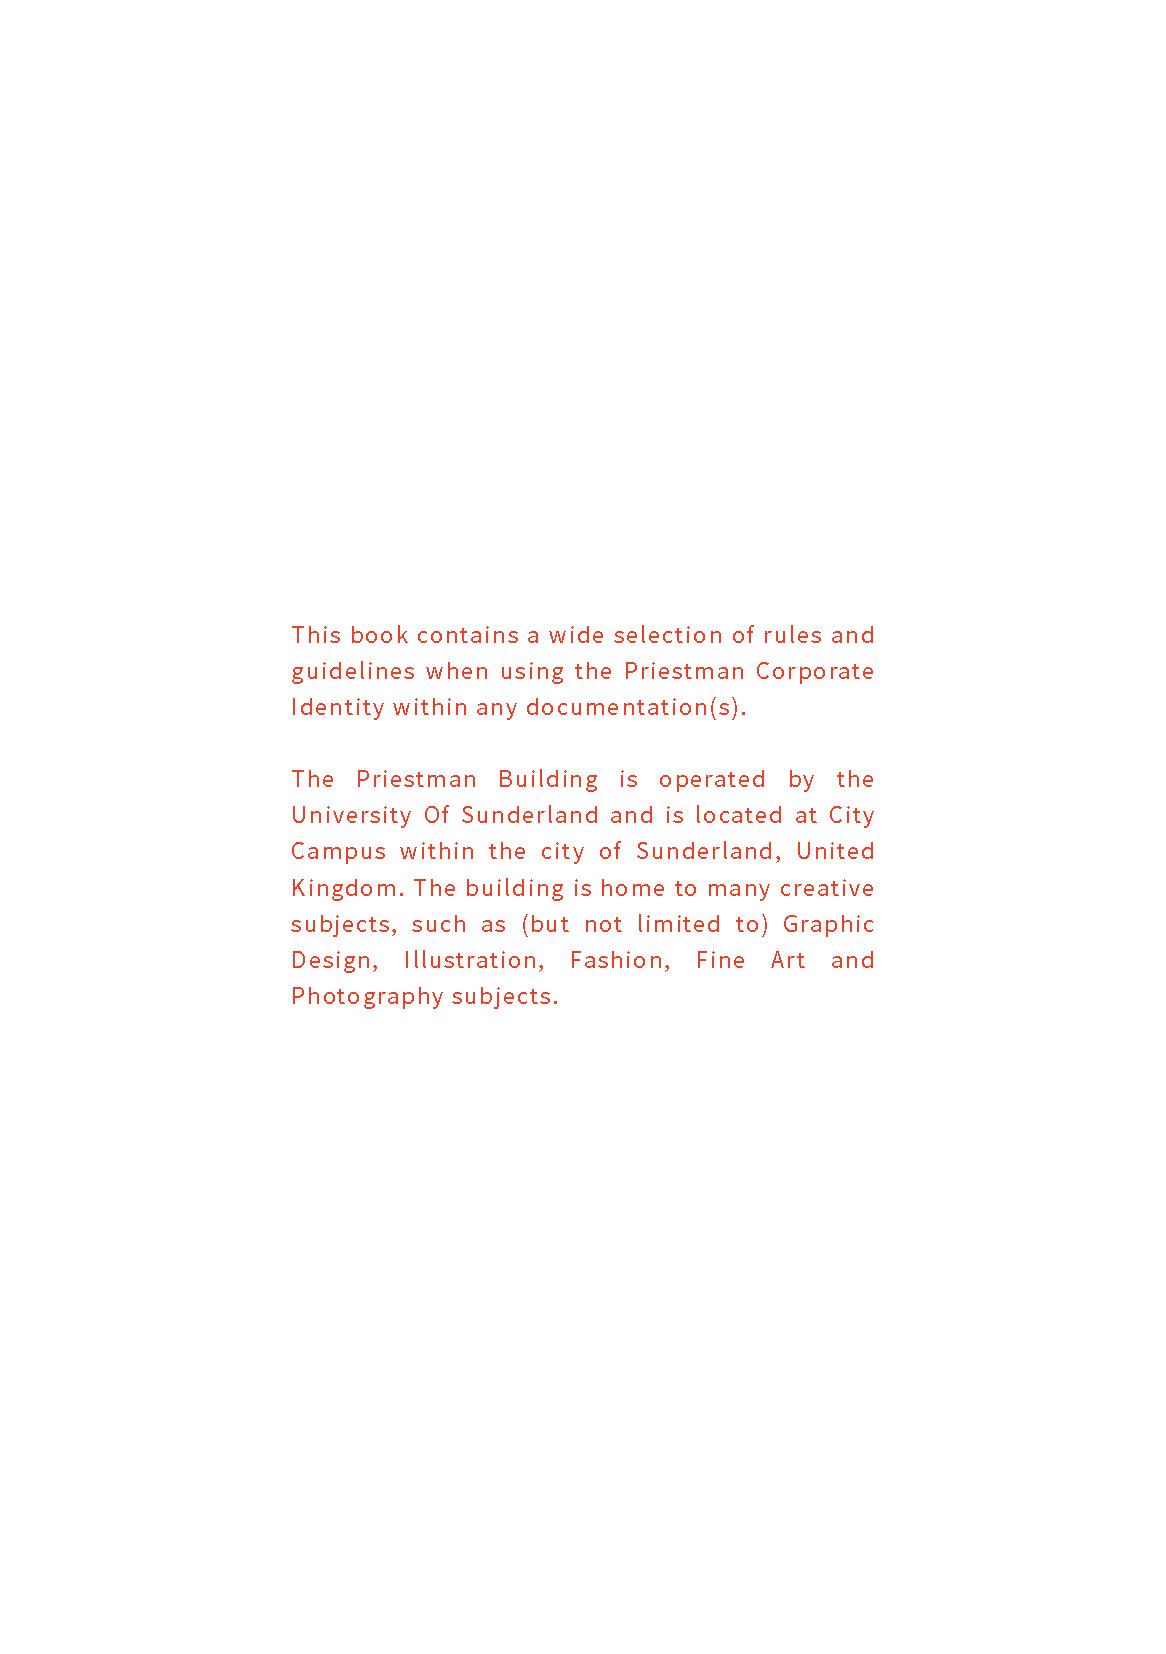 Mathew maddison priestman identity handbook page 03